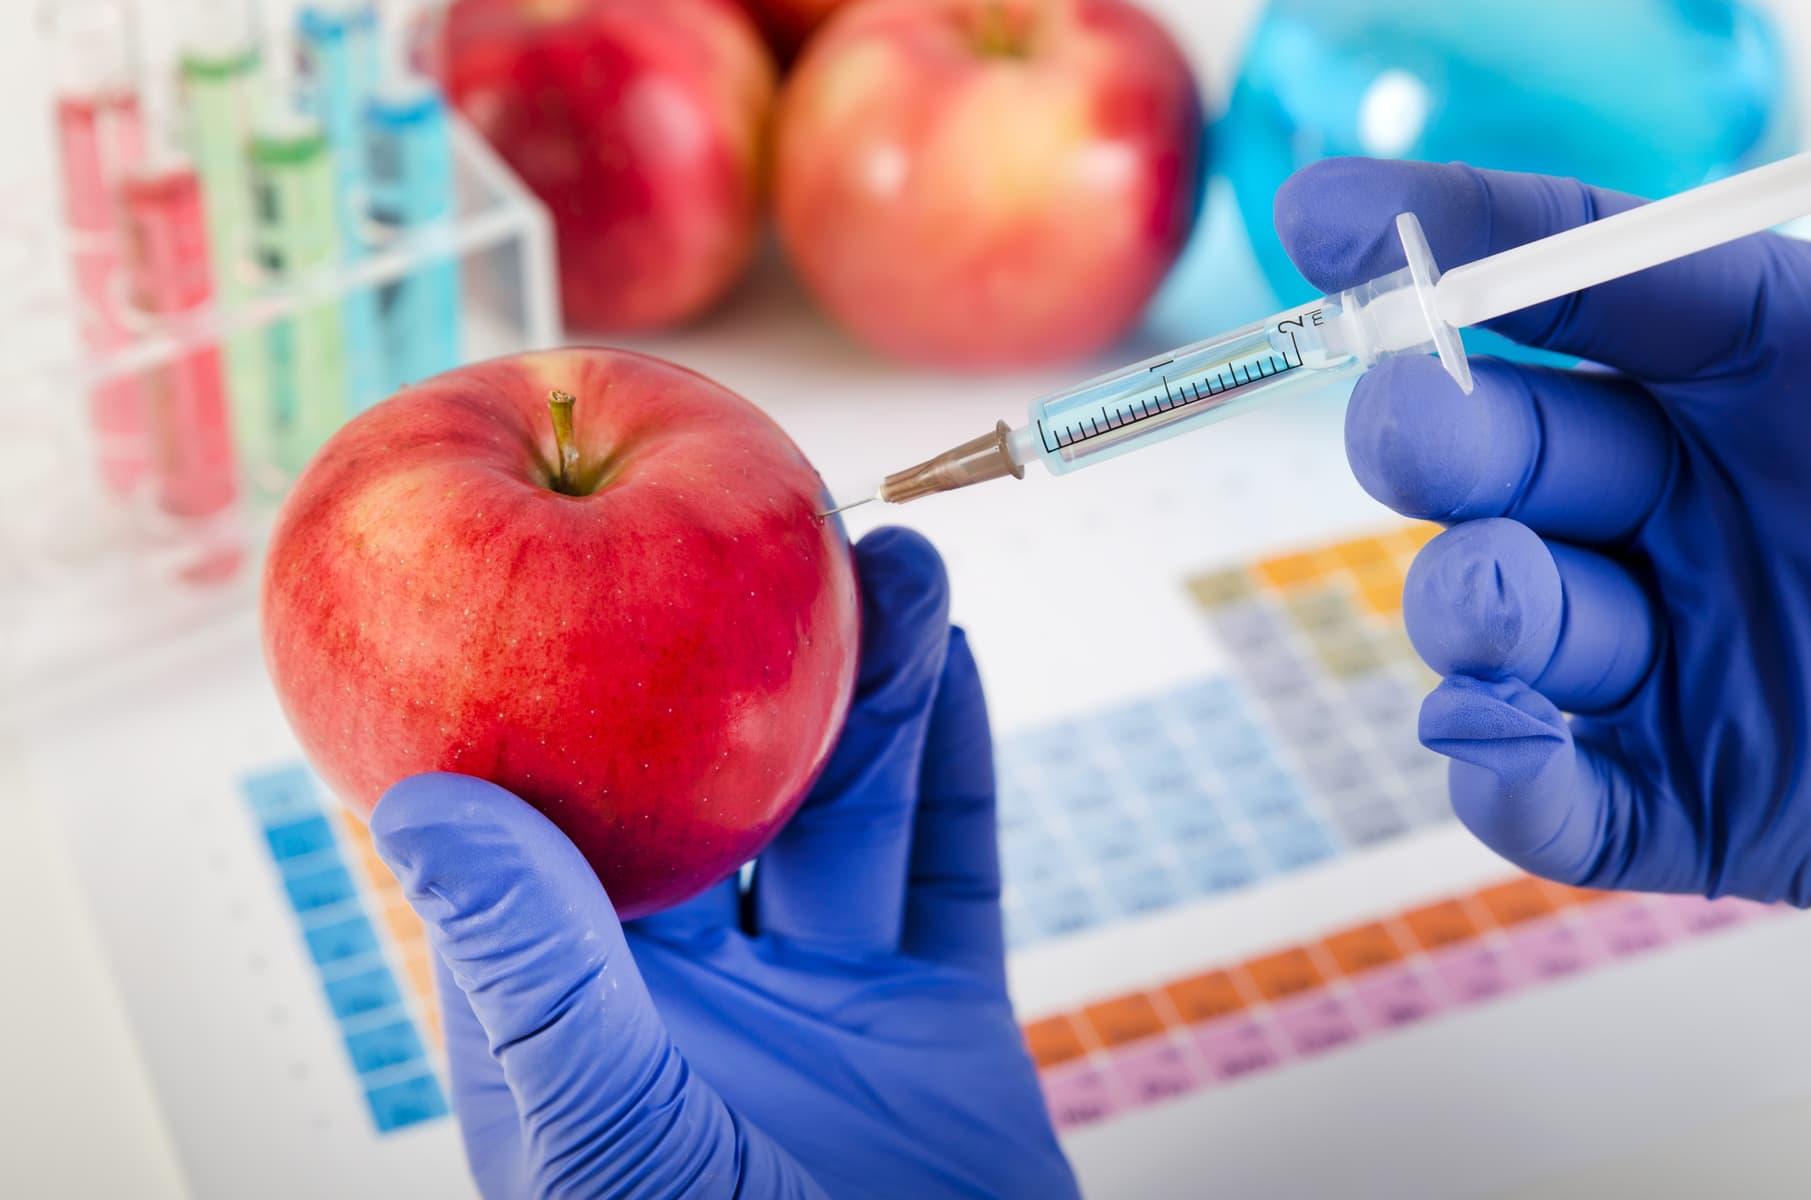 Генетически модифицированные продукты в картинках